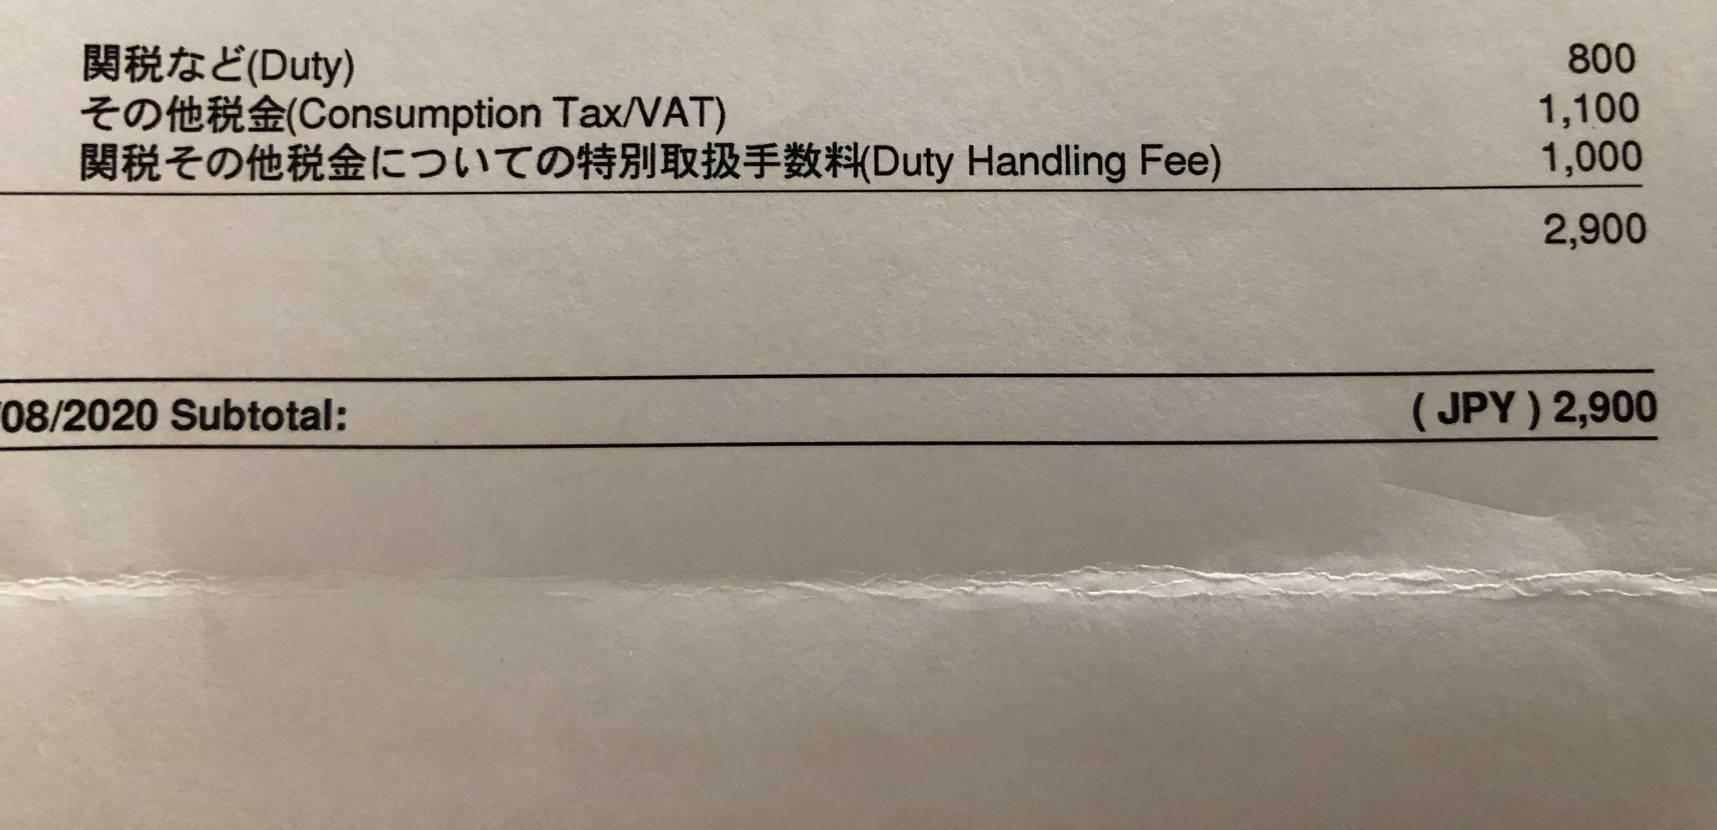 今頃、SneakerStudioで購入した関税請求書が送られてきました。 co